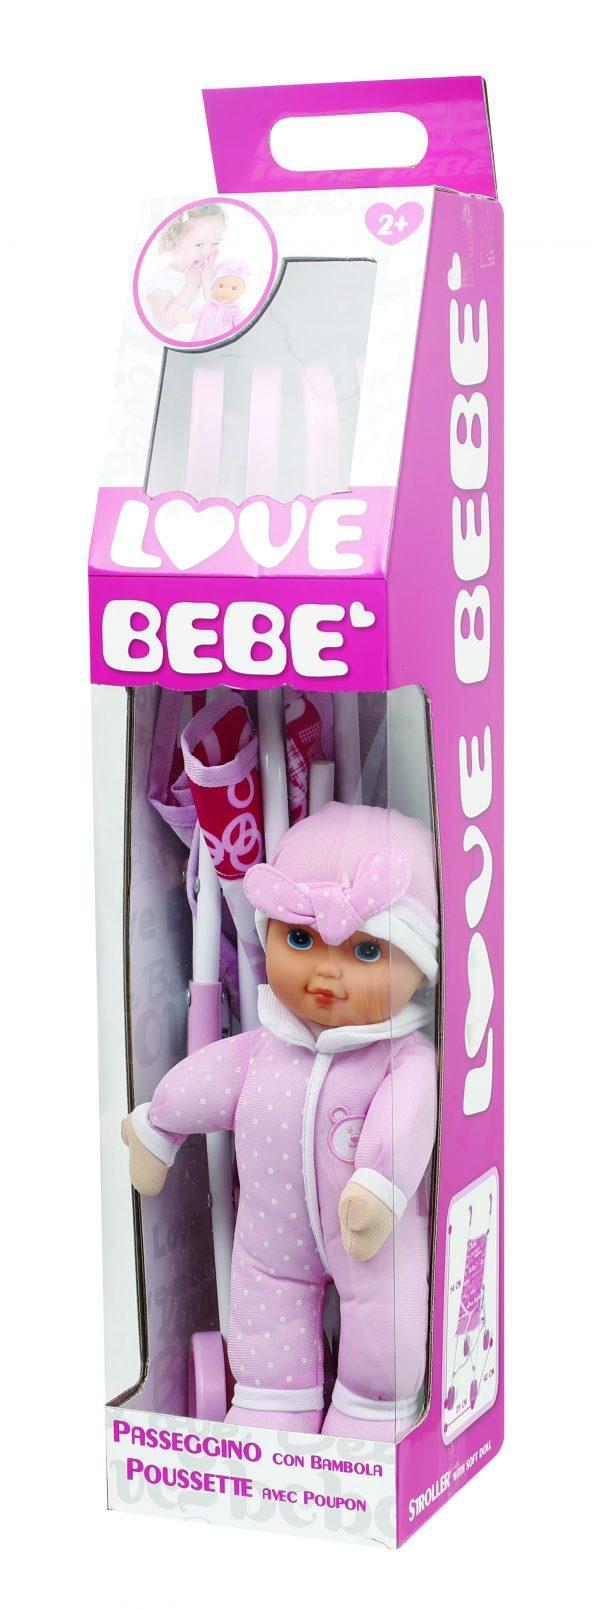 LOVE BEBÈ Passeggino in metallo con bambola soft ALTRI Femmina 0-2 Anni, 12-36 Mesi, 3-4 Anni, 3-5 Anni, 5-8 Anni, 8-12 Anni LOVE BEBÈ